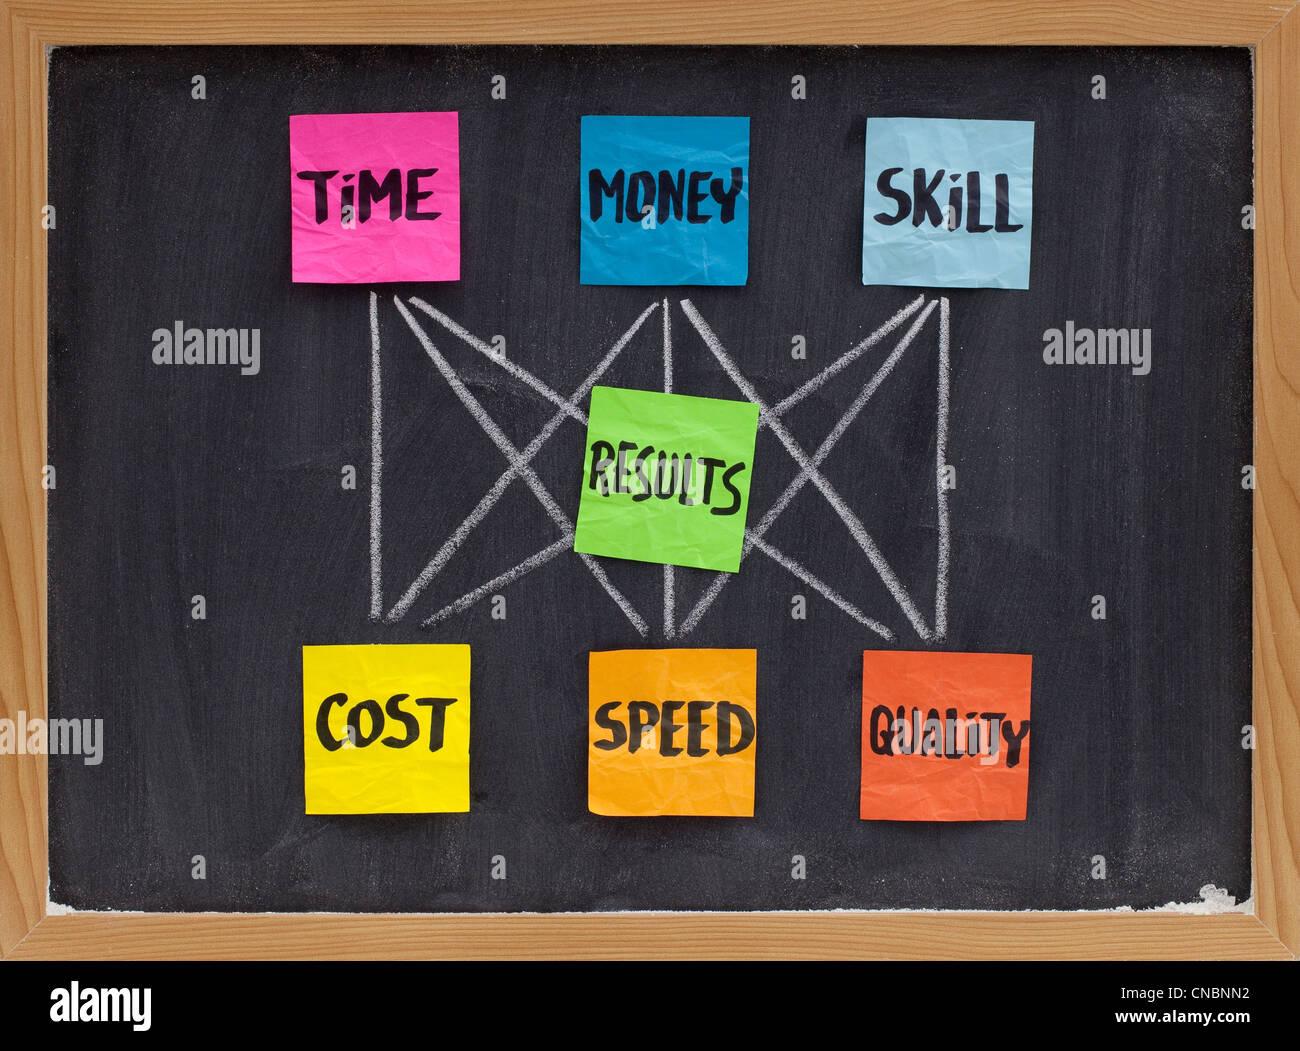 Managementkonzept der Balance zwischen investierte Zeit, Geld, Geschick und Kosten, Geschwindigkeit, Qualität Stockbild